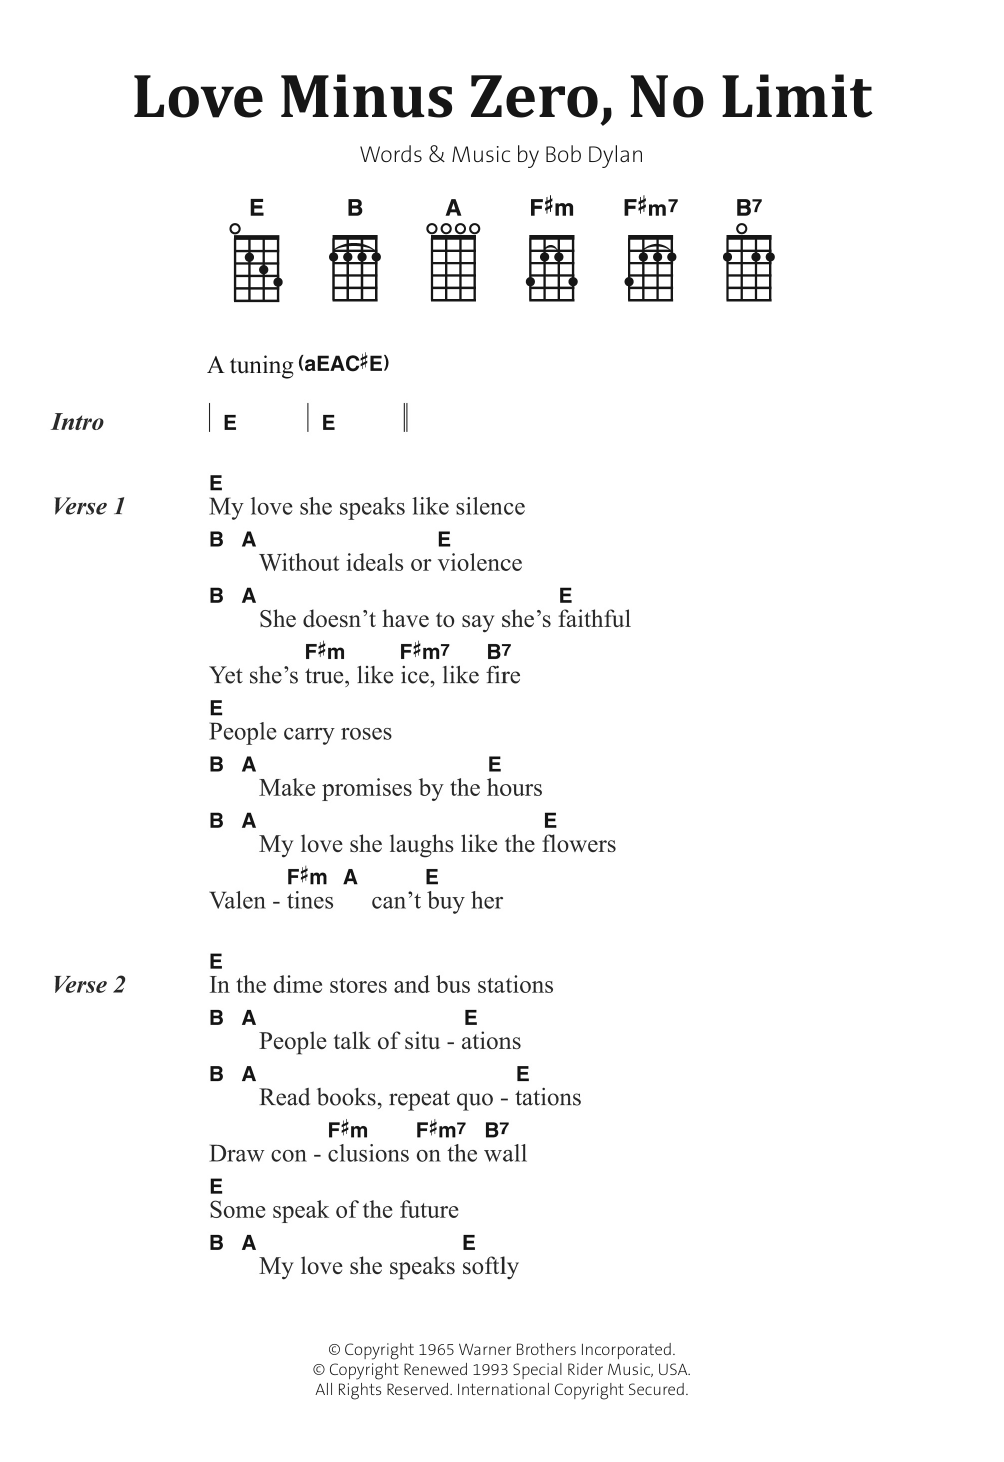 Love Minus Zero/No Limit Sheet Music